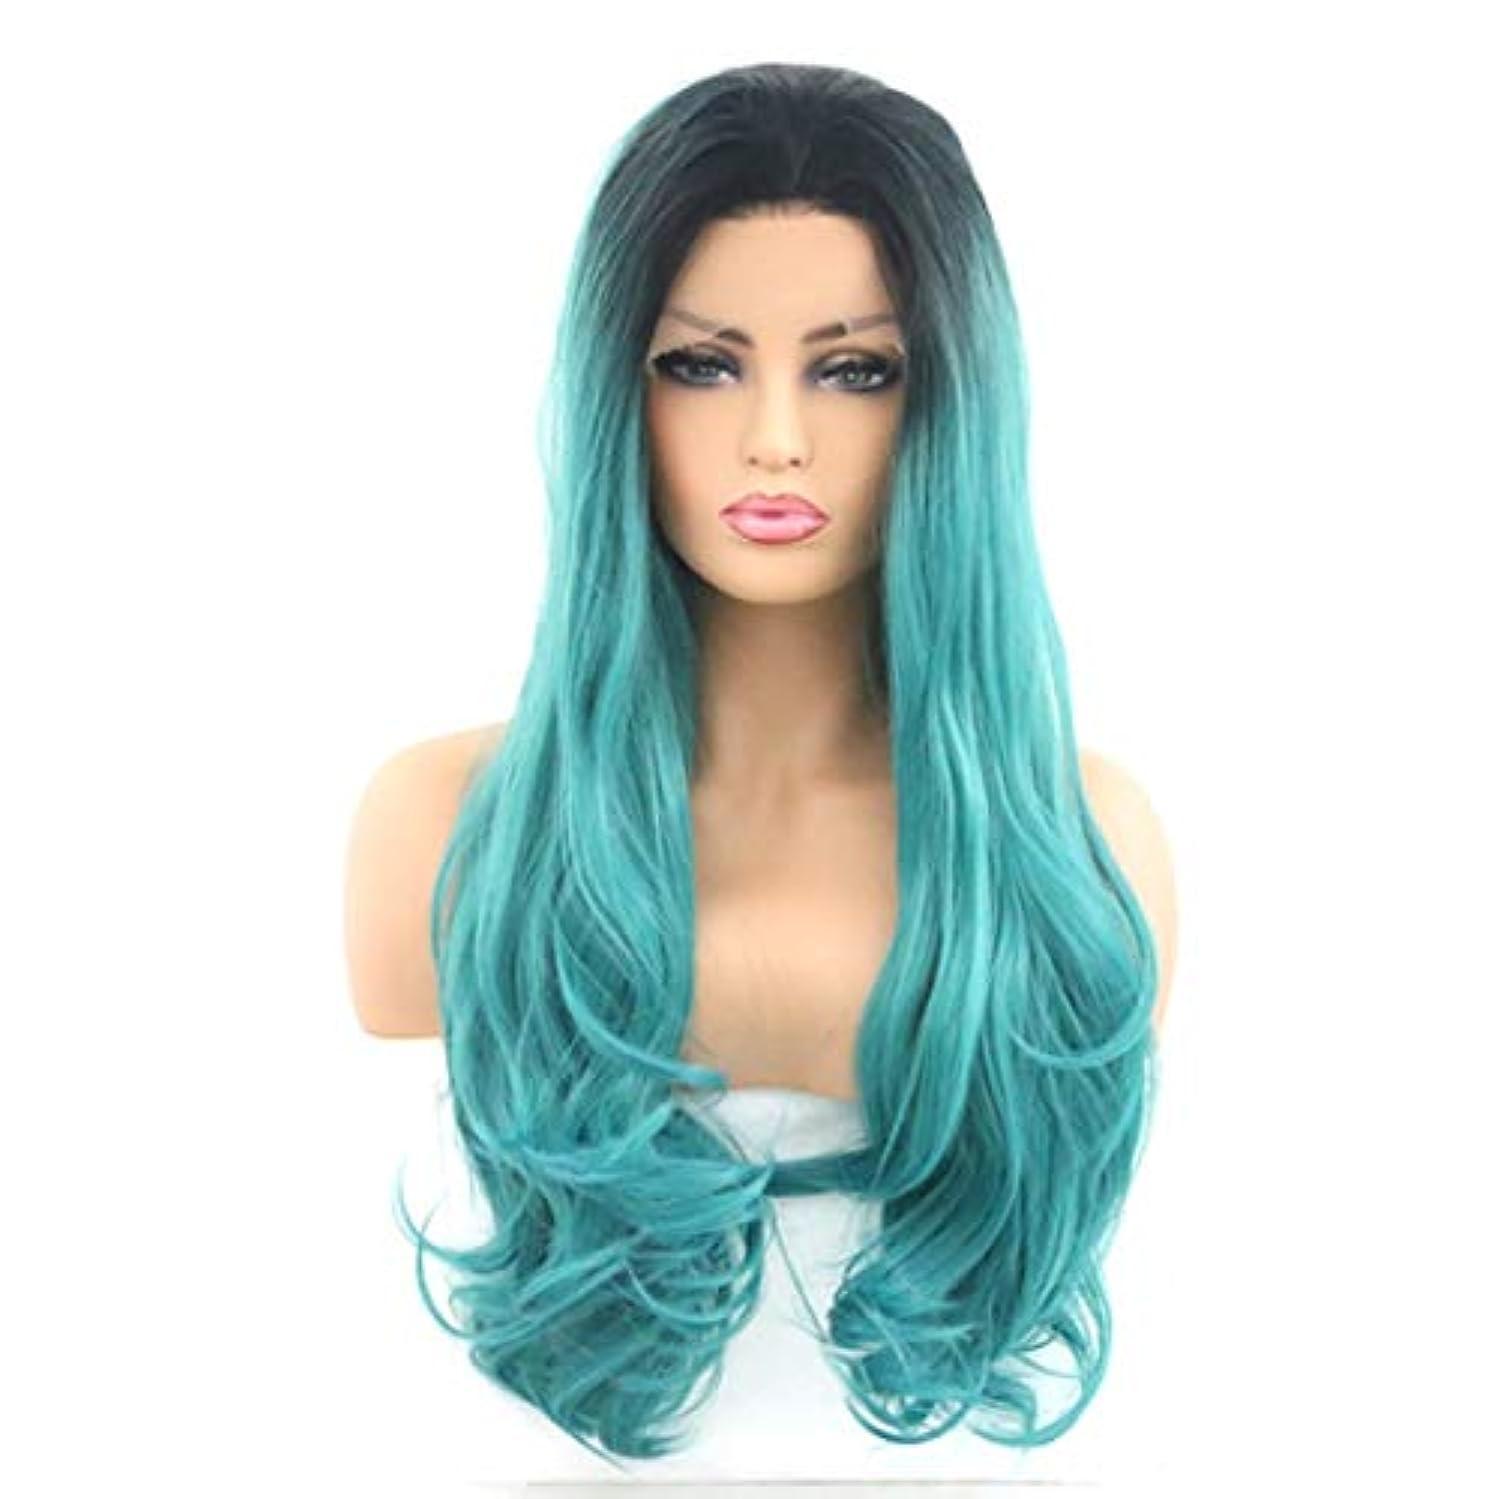 スリップシューズショート明るいKerwinner 女性のためのフロントレースかつら、長い巻き毛、大きな波、巻き毛、化学繊維かつら (Size : 26inch)